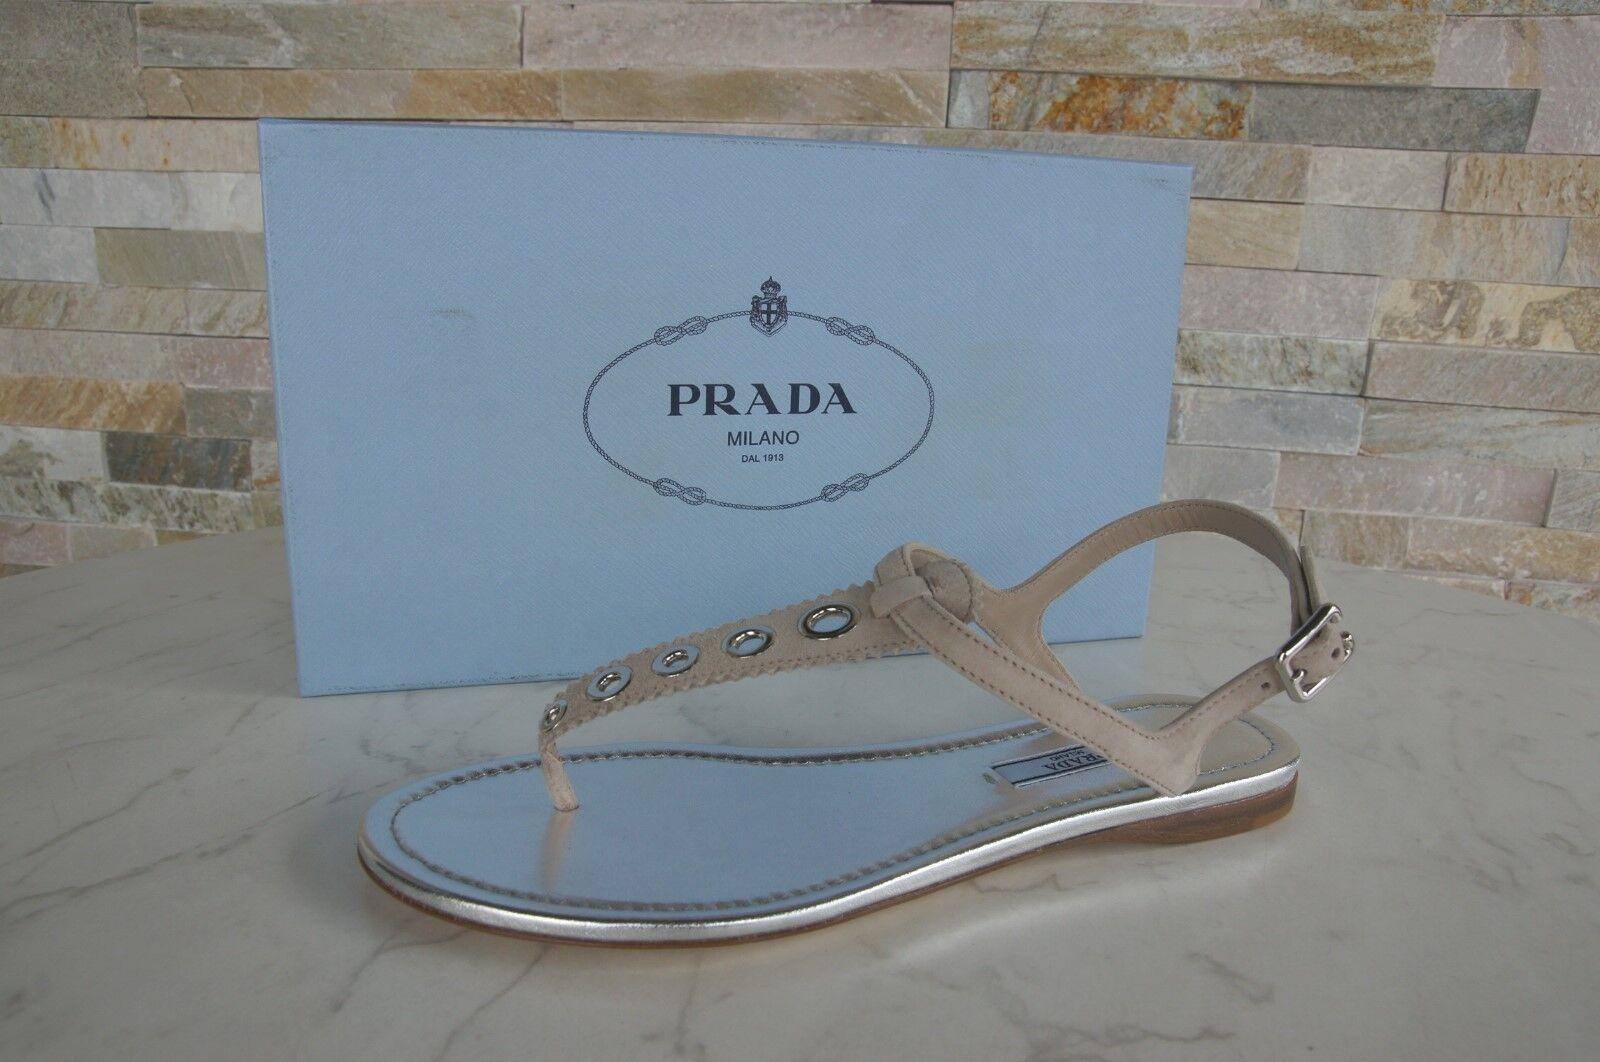 PRADA  38 Toes scarpe Sandals scarpe Toe Separators Quartz Beige NUOVO  in vendita